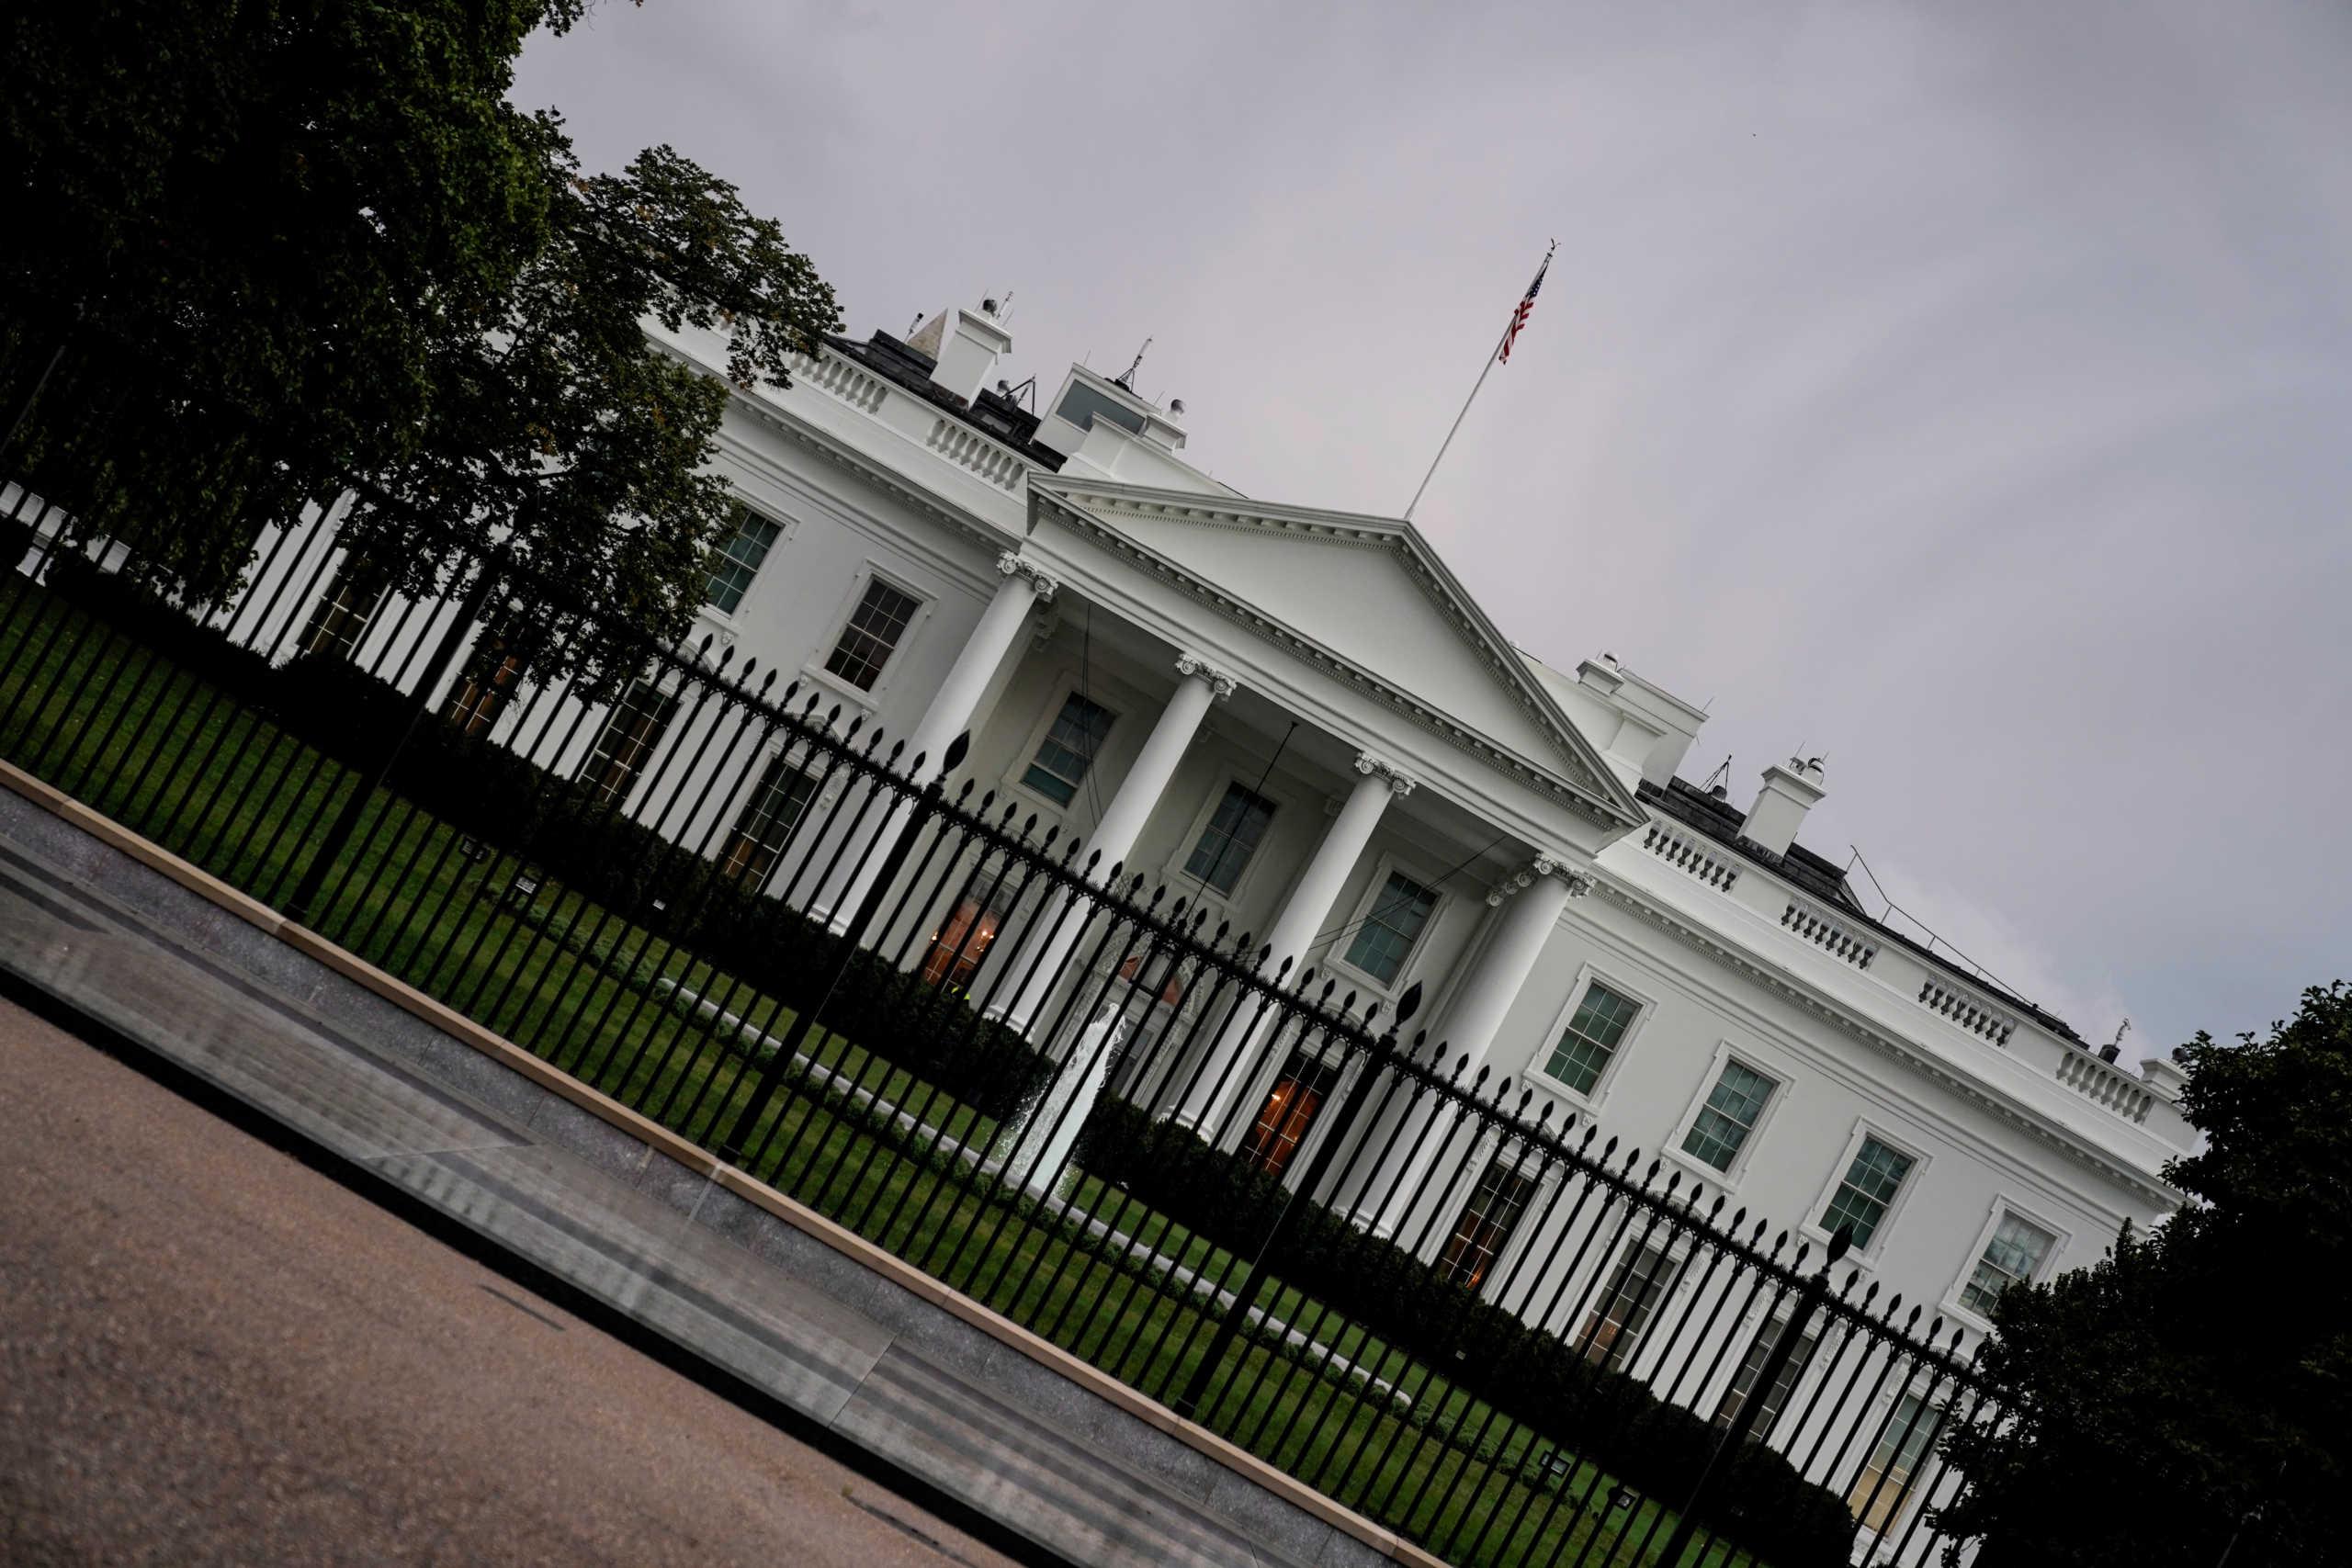 ΗΠΑ: Ζητούν διαπραγματεύσεις με την Πιονγκγιάνγκ για την επίτευξη πλήρους αποπυρηνικοποίησης